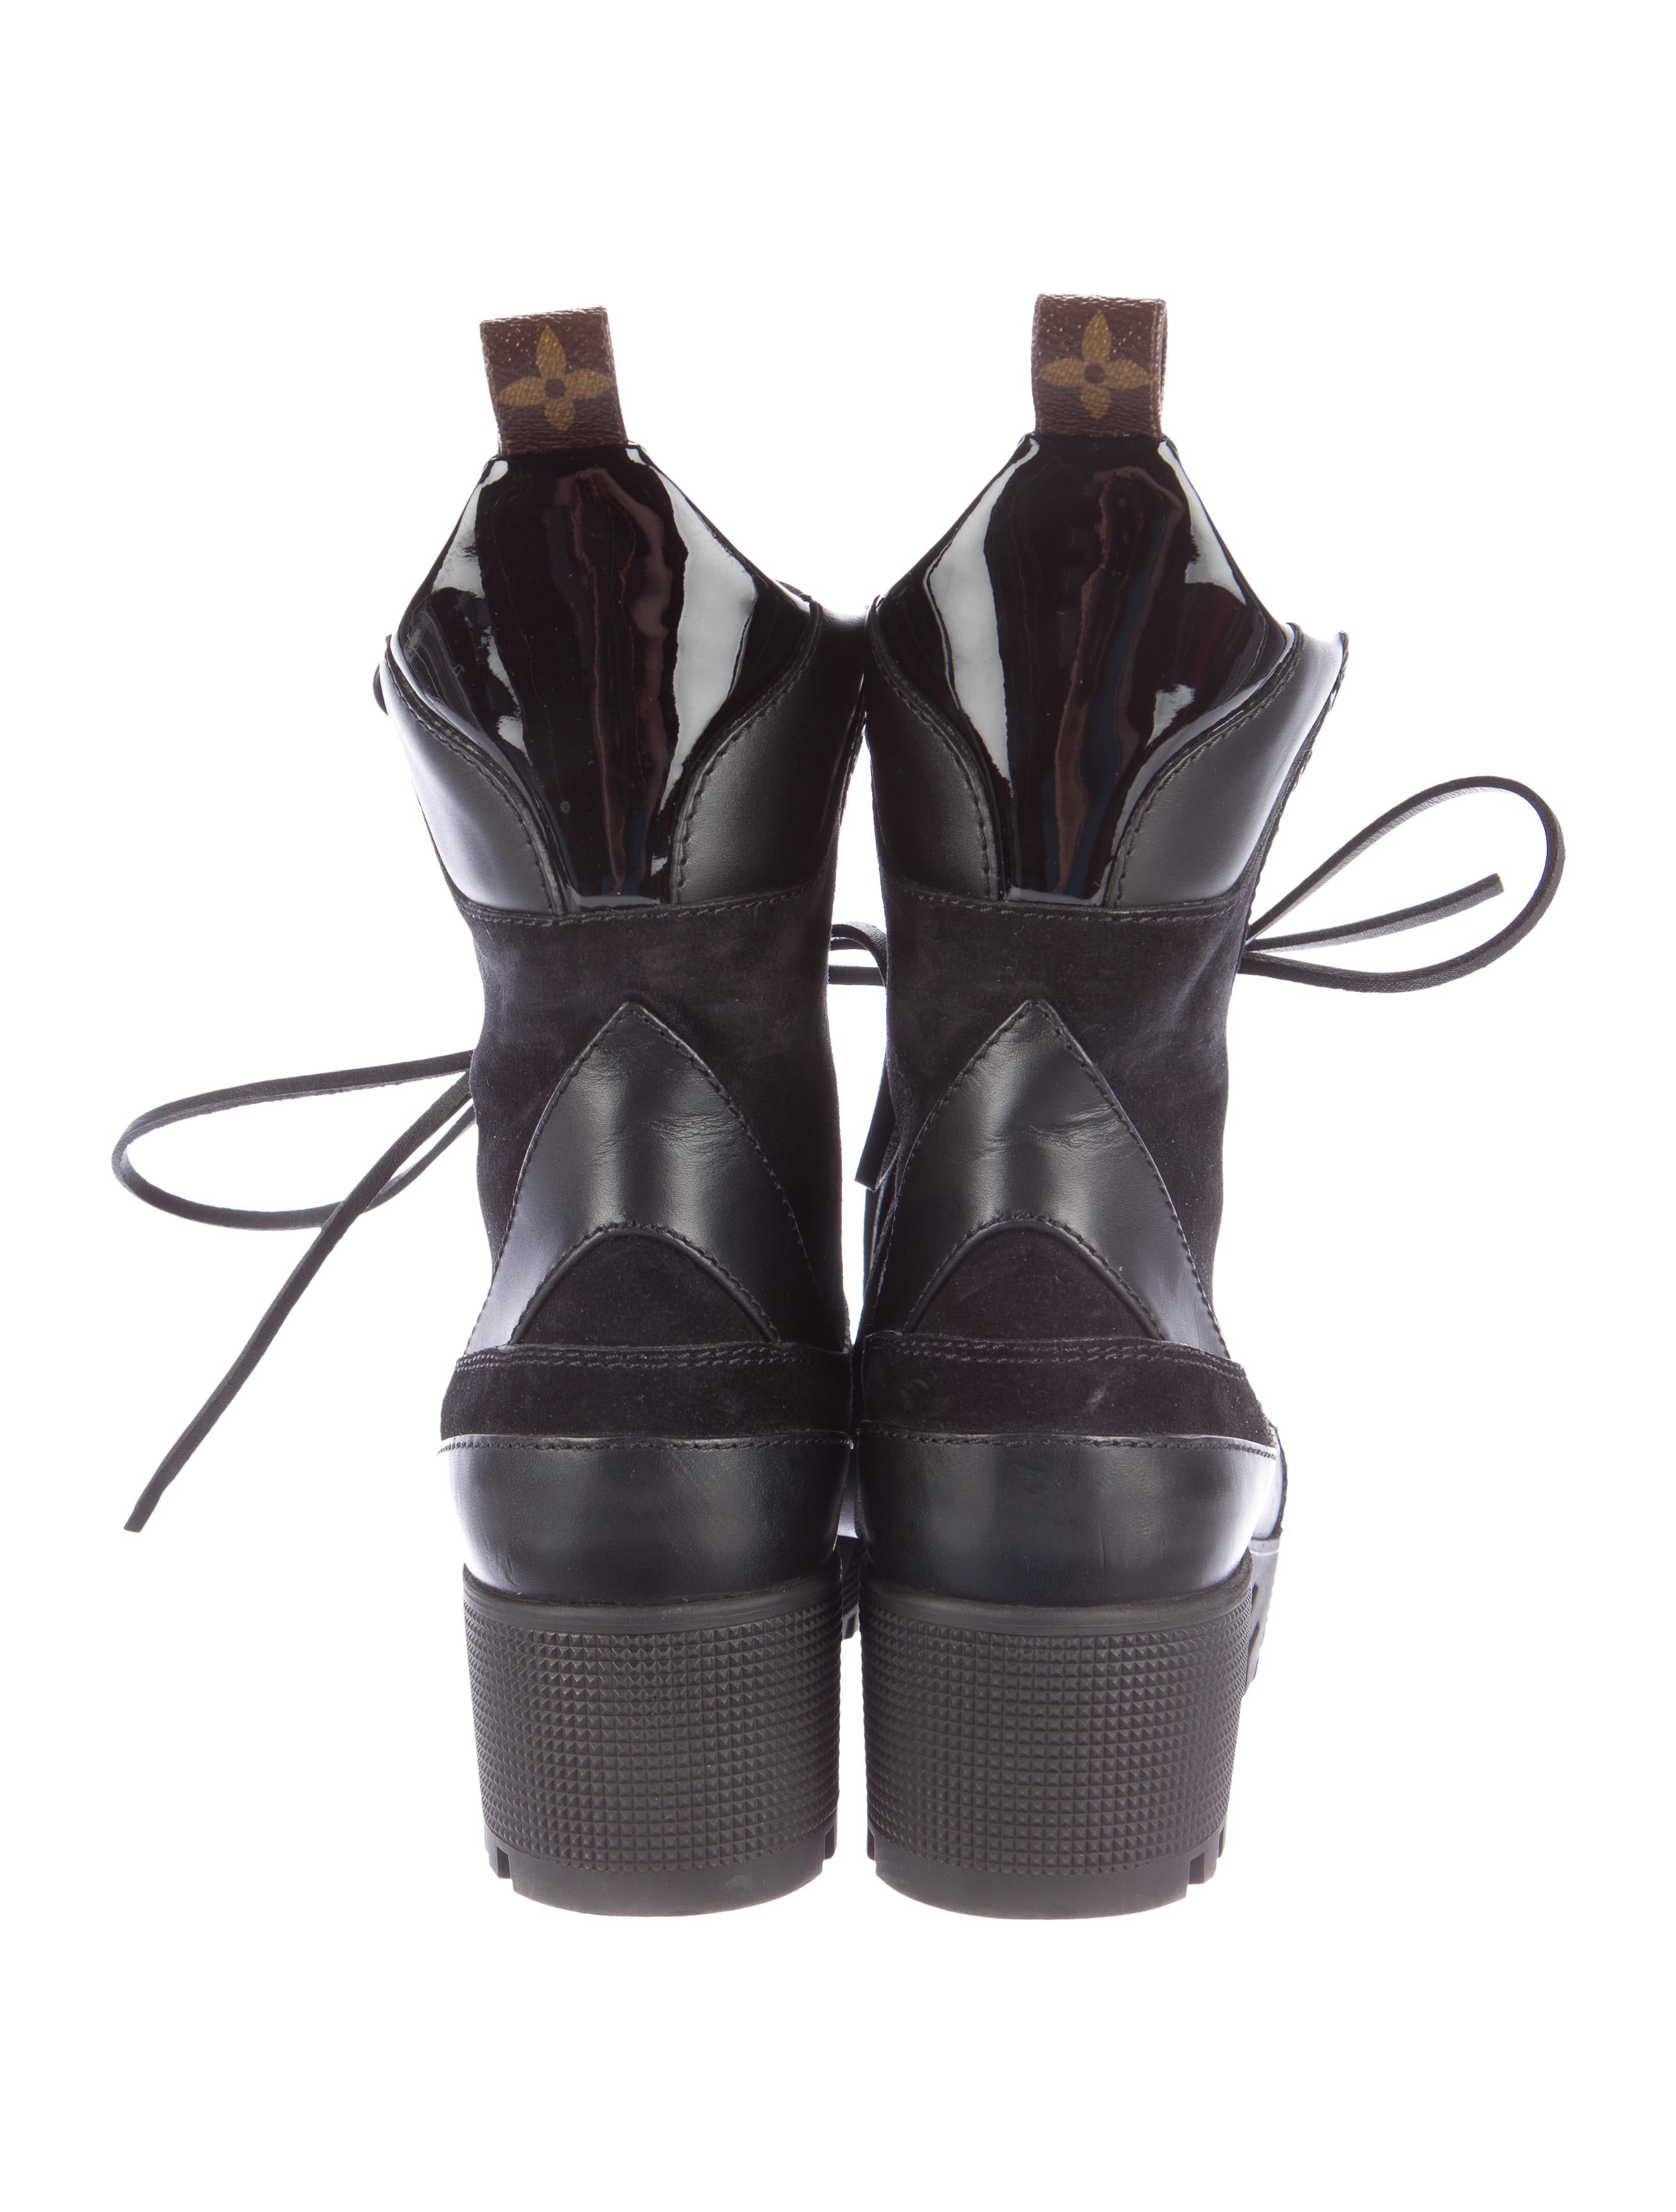 louis vuitton 2016 laureate platform desert boots - shoes